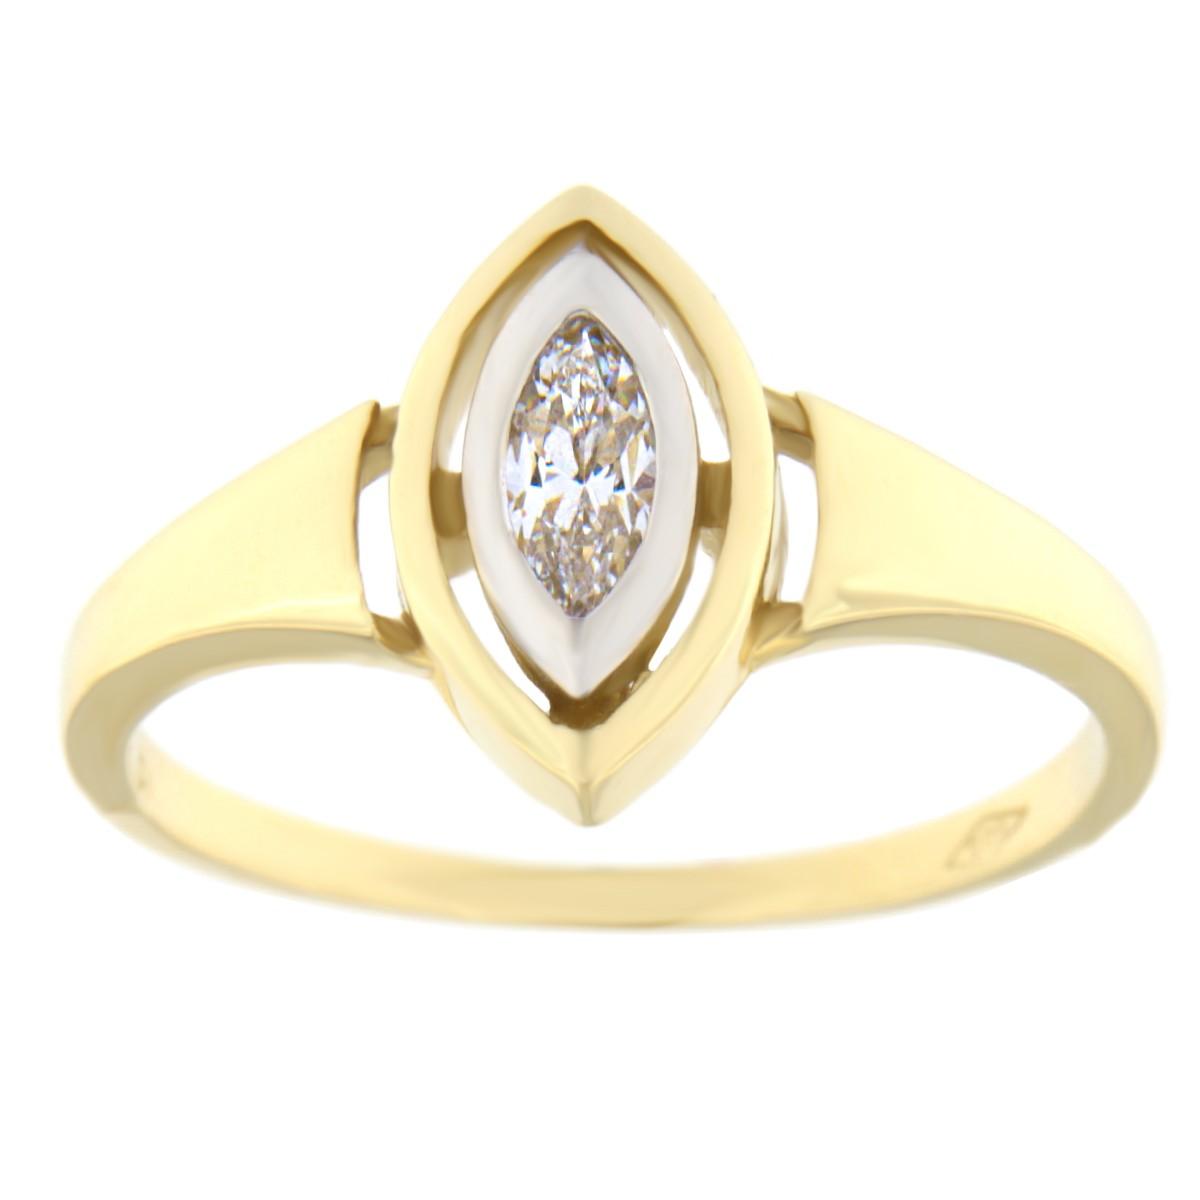 Kullast sõrmus tsirkooniga Kood: 44pa, 79pt, 183pe